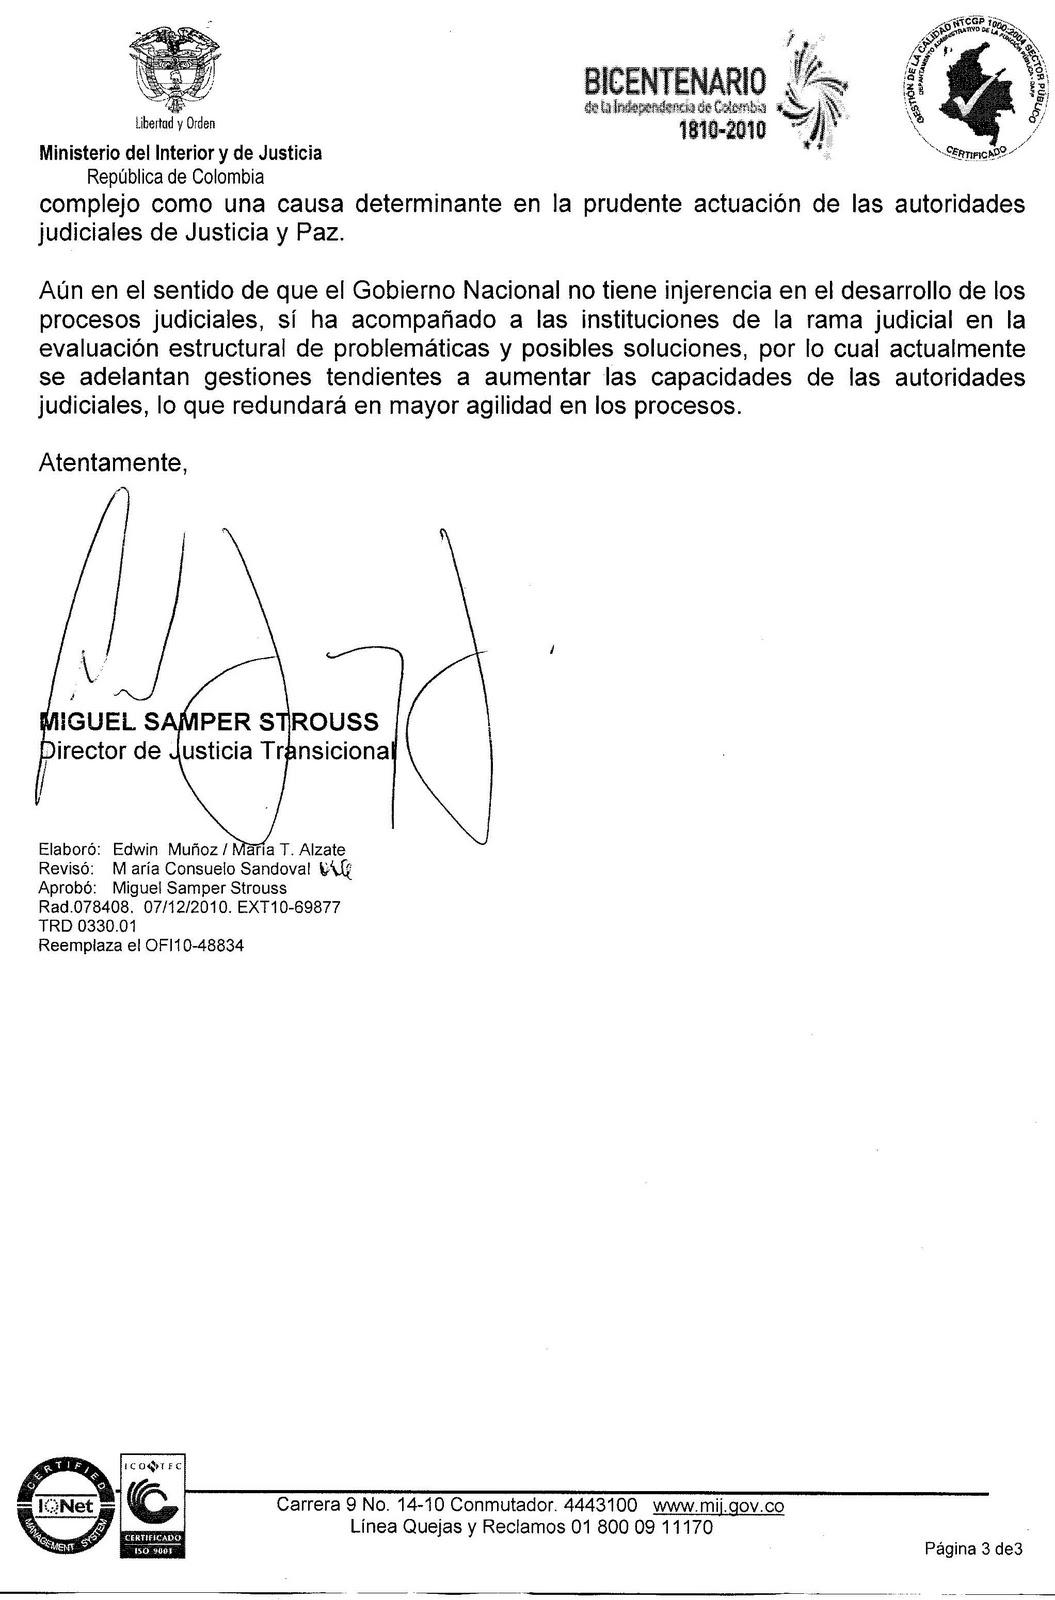 Reconcili monos colombia respuesta a comunicaci n enviada for Pagina del ministerio del interior